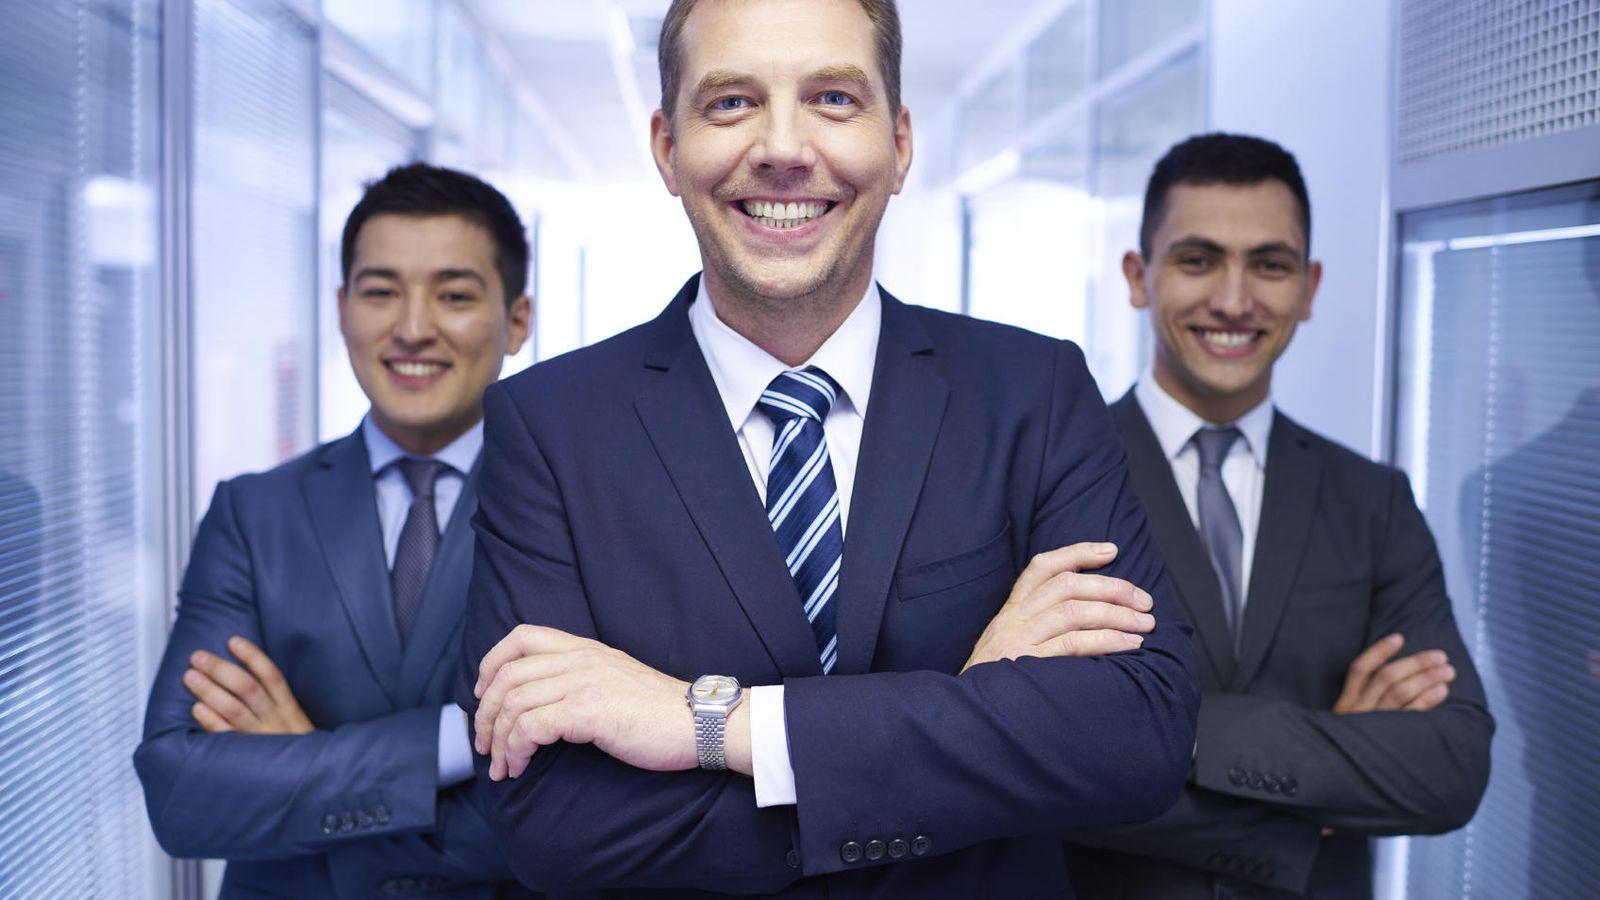 Trabajo Estos Son Los Cuatro Tipos De Compañeros De Trabajo